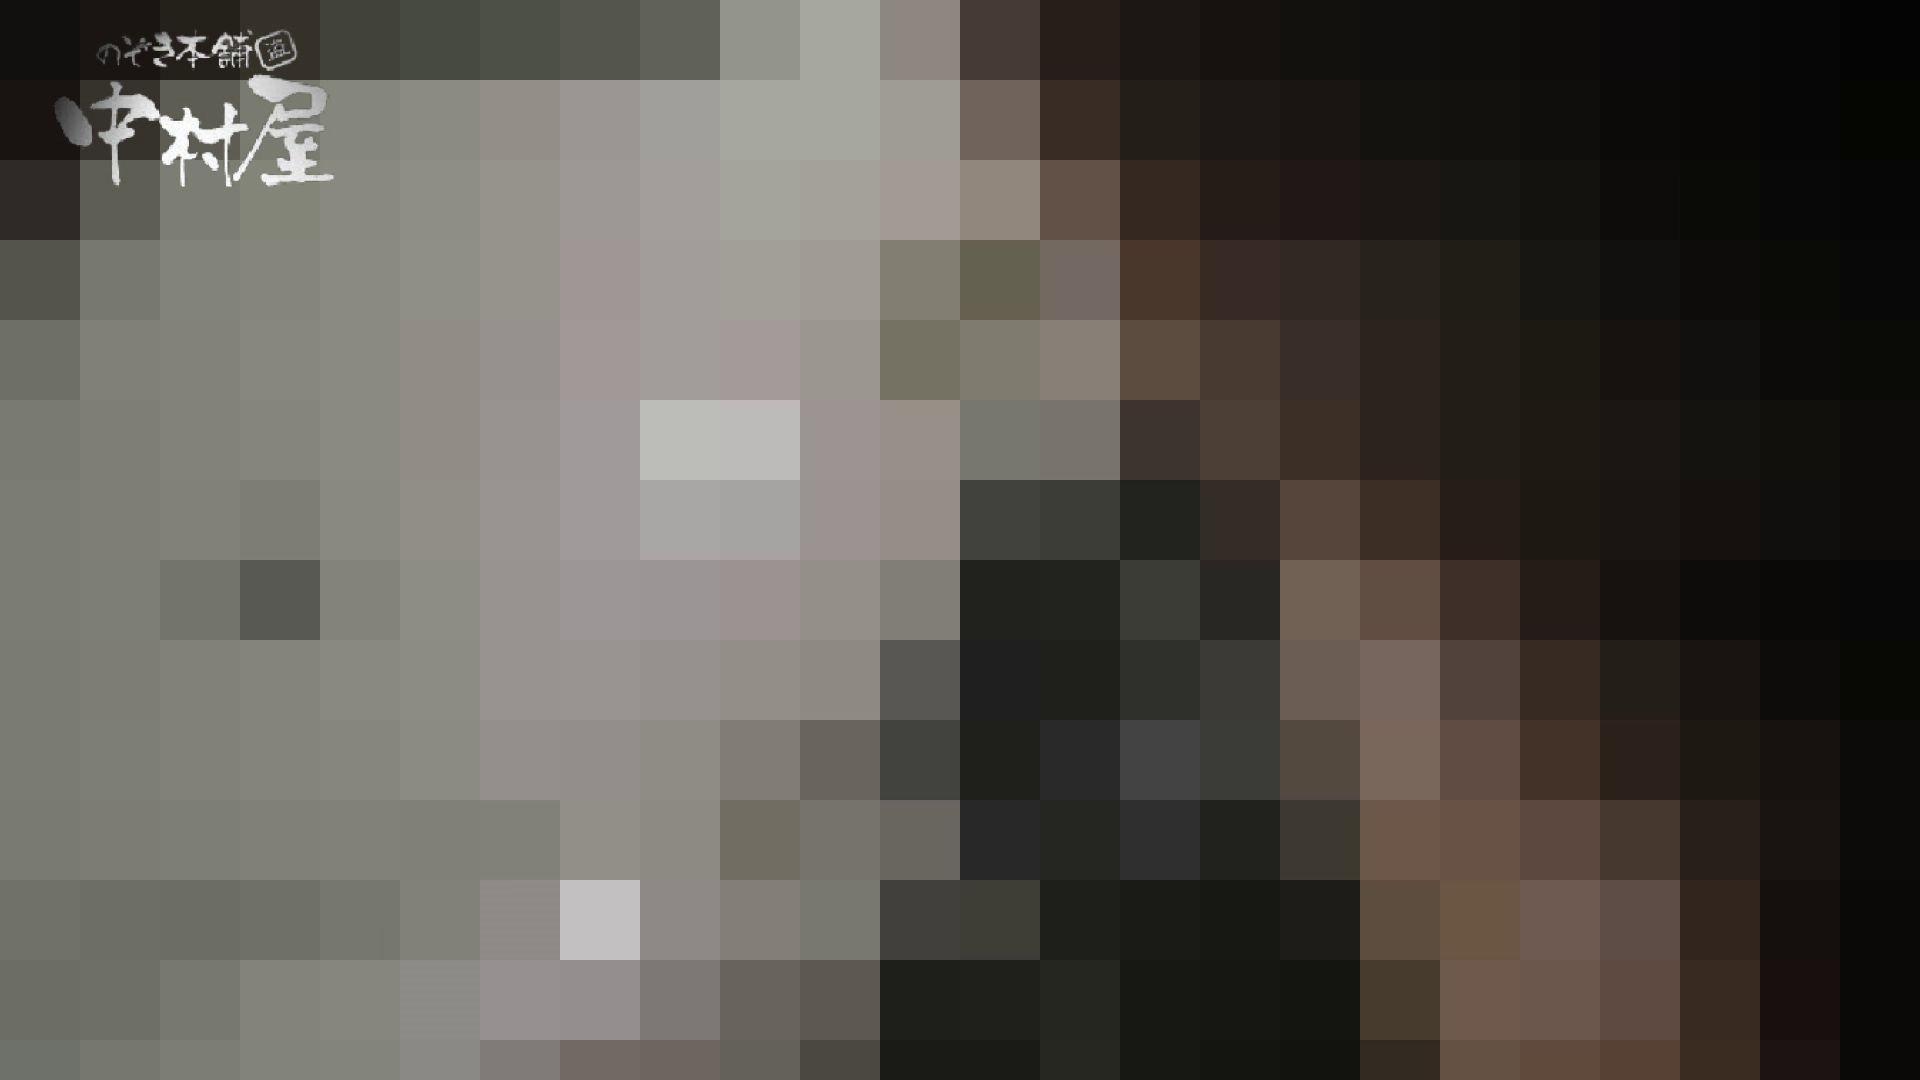 【世界の射窓から】世界の射窓から vol.18後編 0 | 0  88pic 85